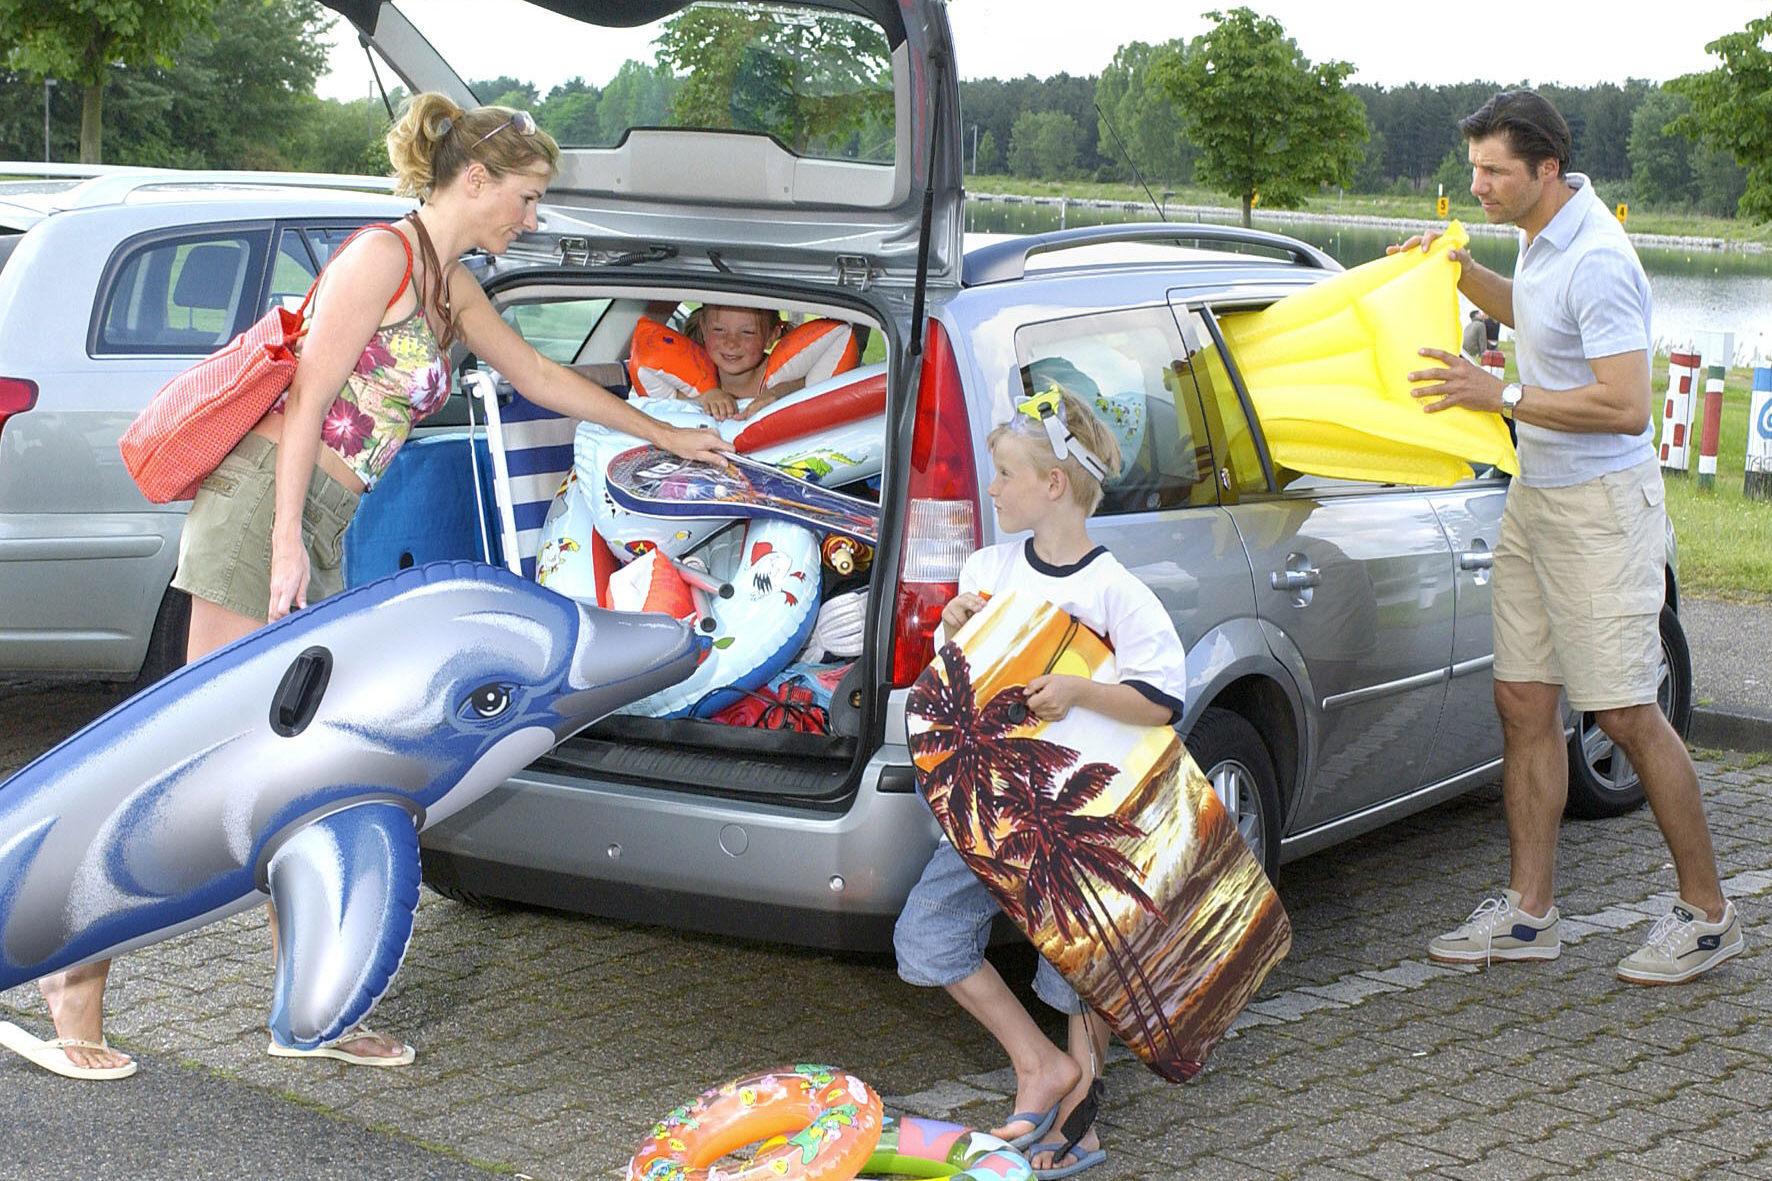 mid Düsseldorf - Vergnügungsfahrt oder Gequengel aus dem Fond des Autos: Auf der Fahrt in den Urlaub mit dem Pkw ist dafür das Unterhaltungsangebot für den Nachwuchs entscheidend.